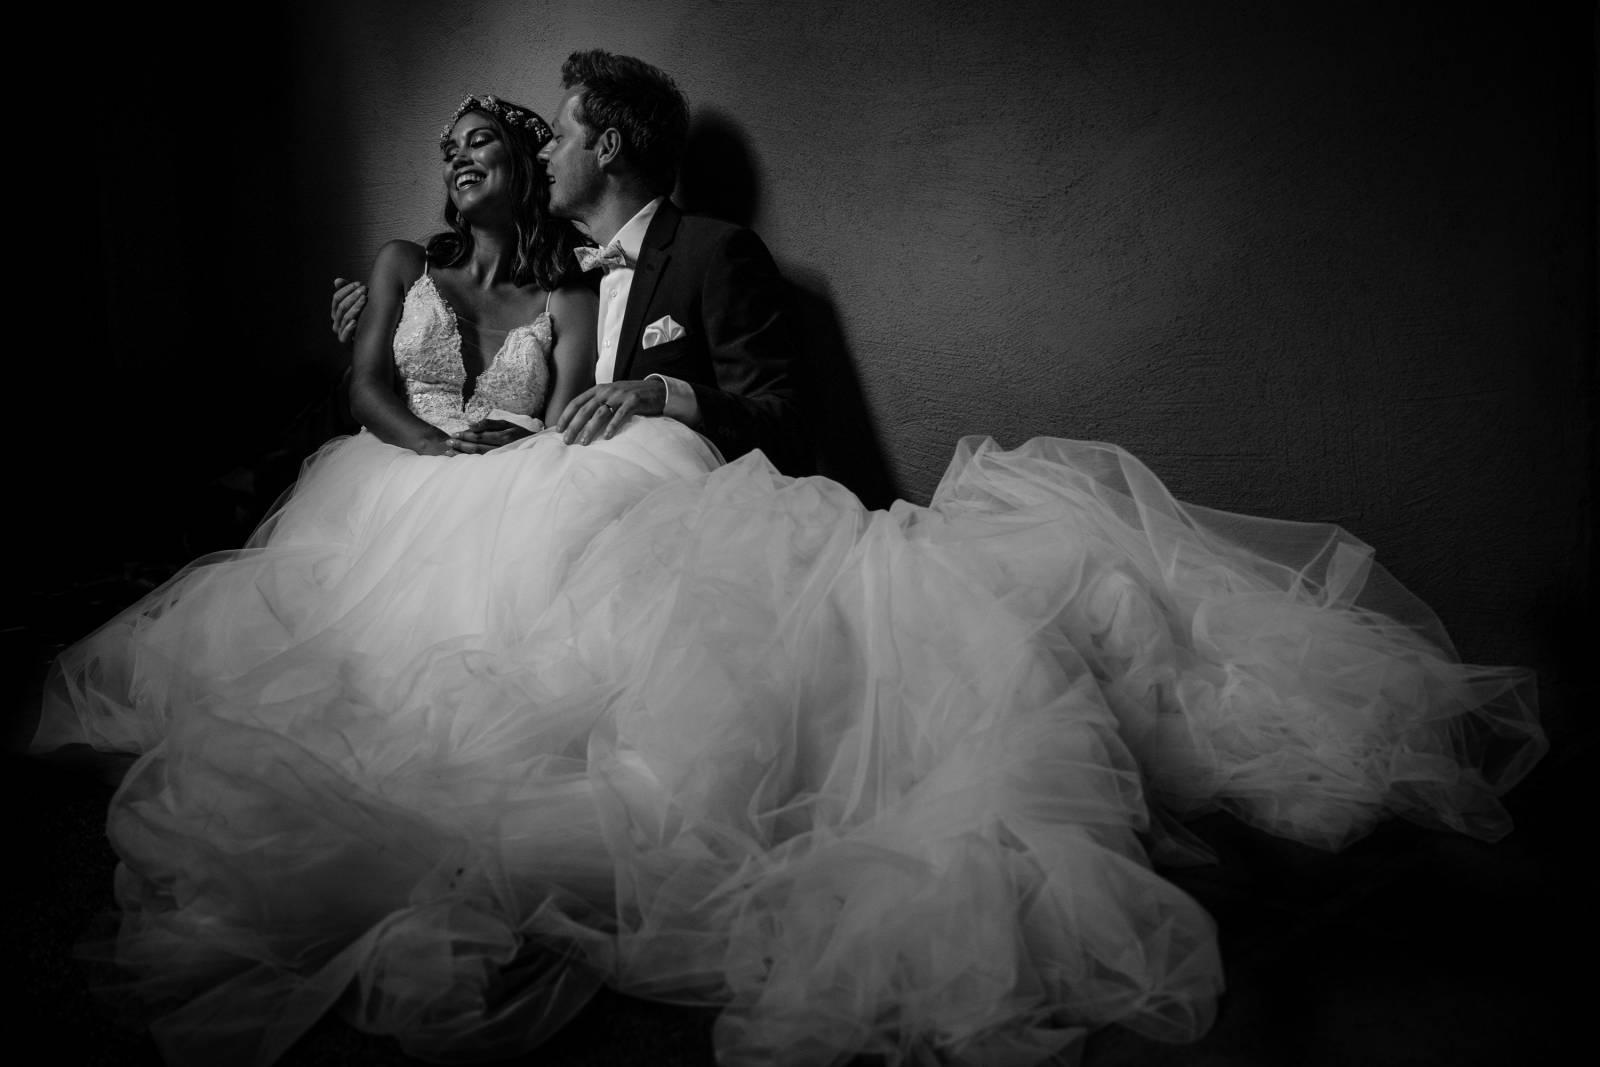 Yves Schepers Photography - Fotograaf - Huwelijksfotograaf - Trouwfotograaf - Bruidsfotograaf - House of Weddings - 4